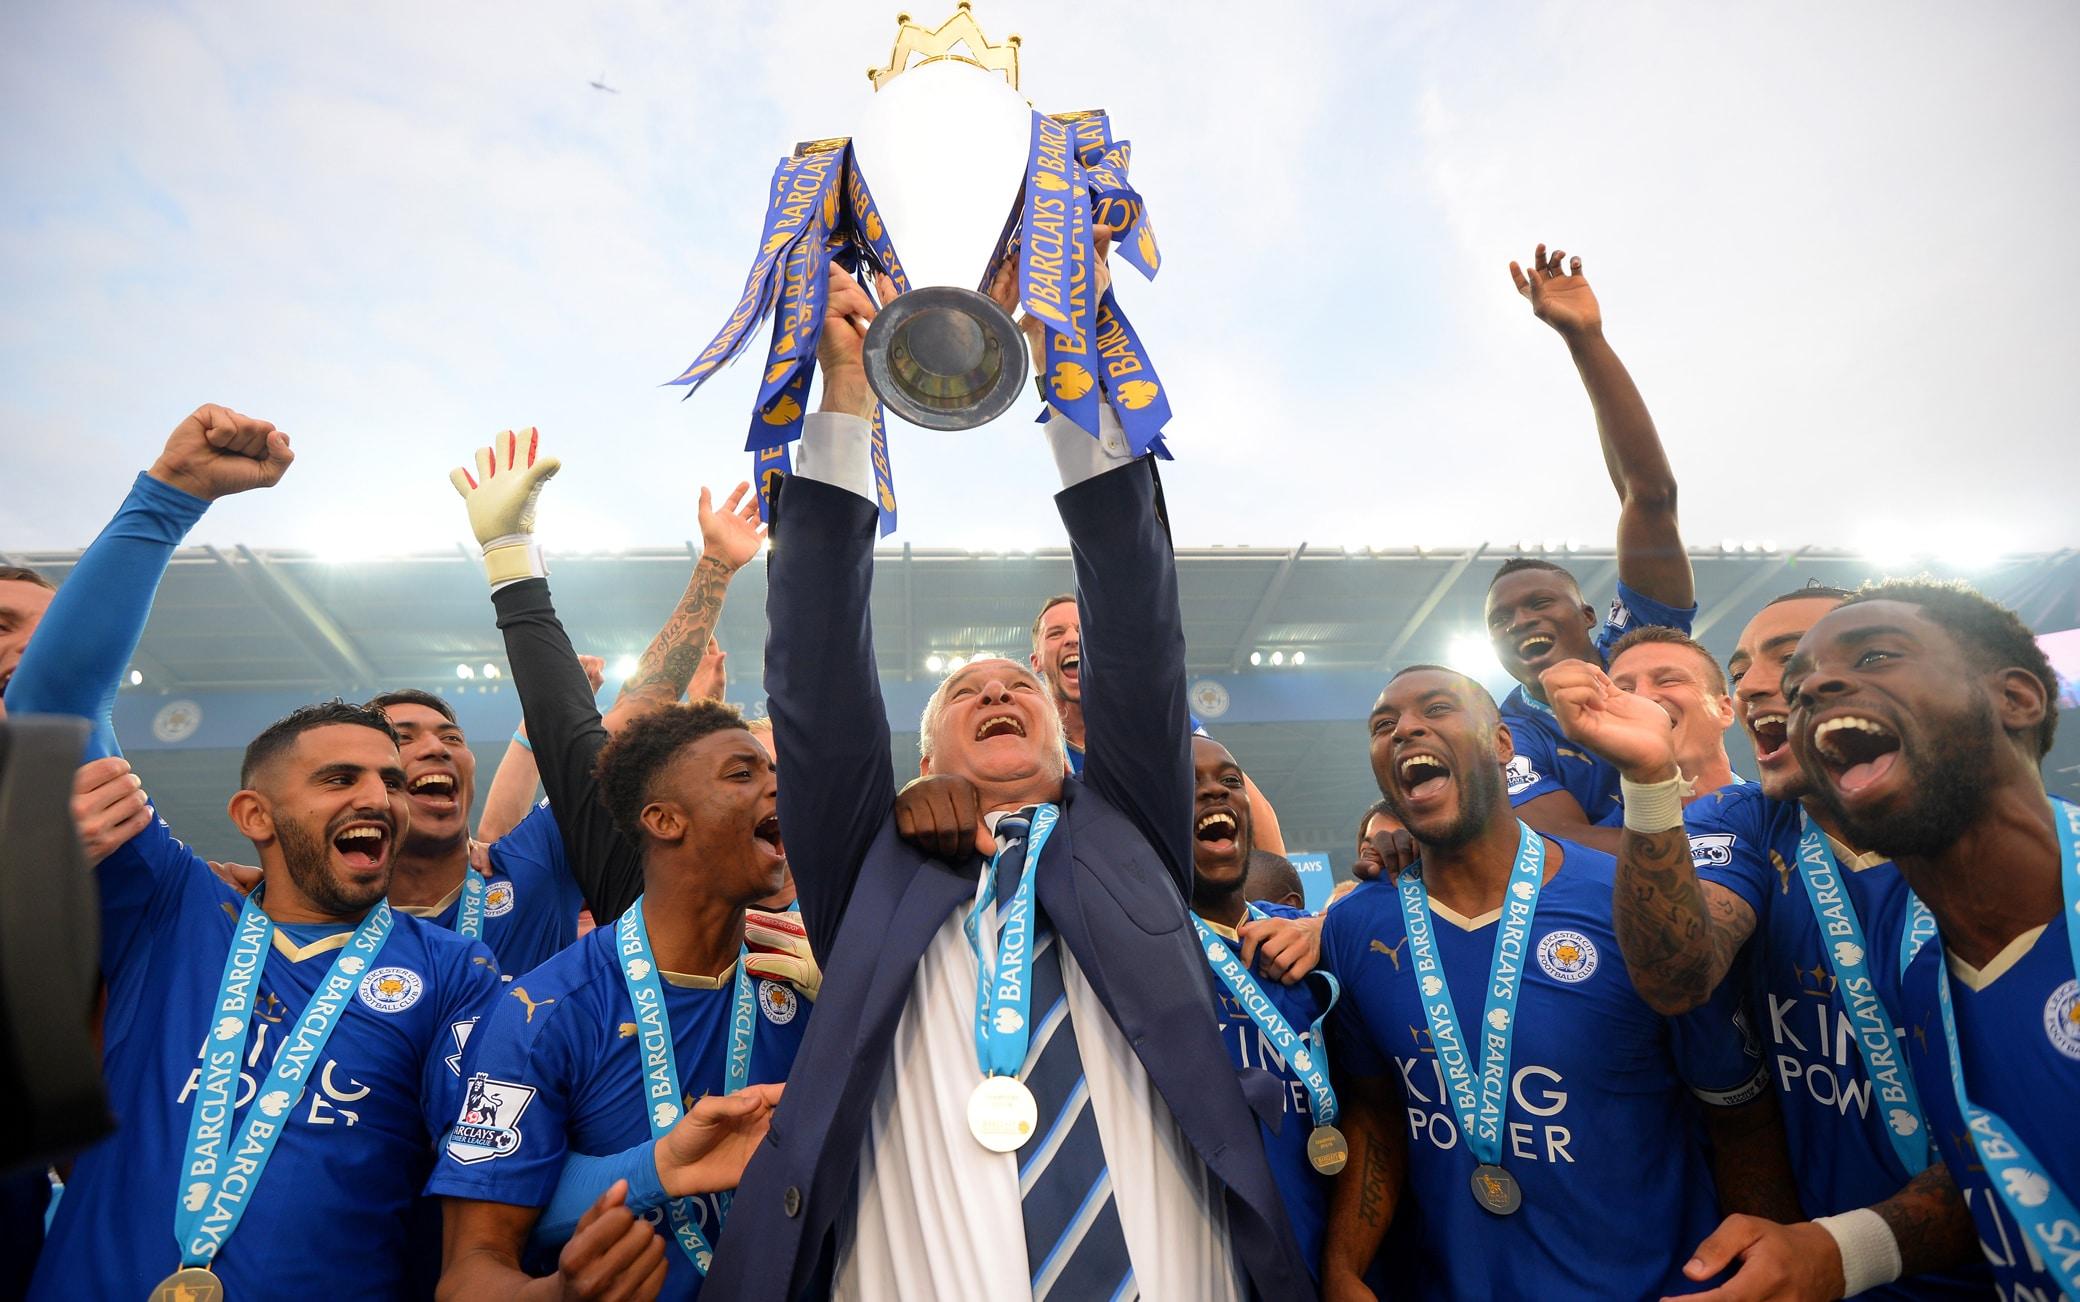 Leicester campione in Premier League? Il tifoso che vinse la scommessa nel  2016 ci riprova | Sky Sport